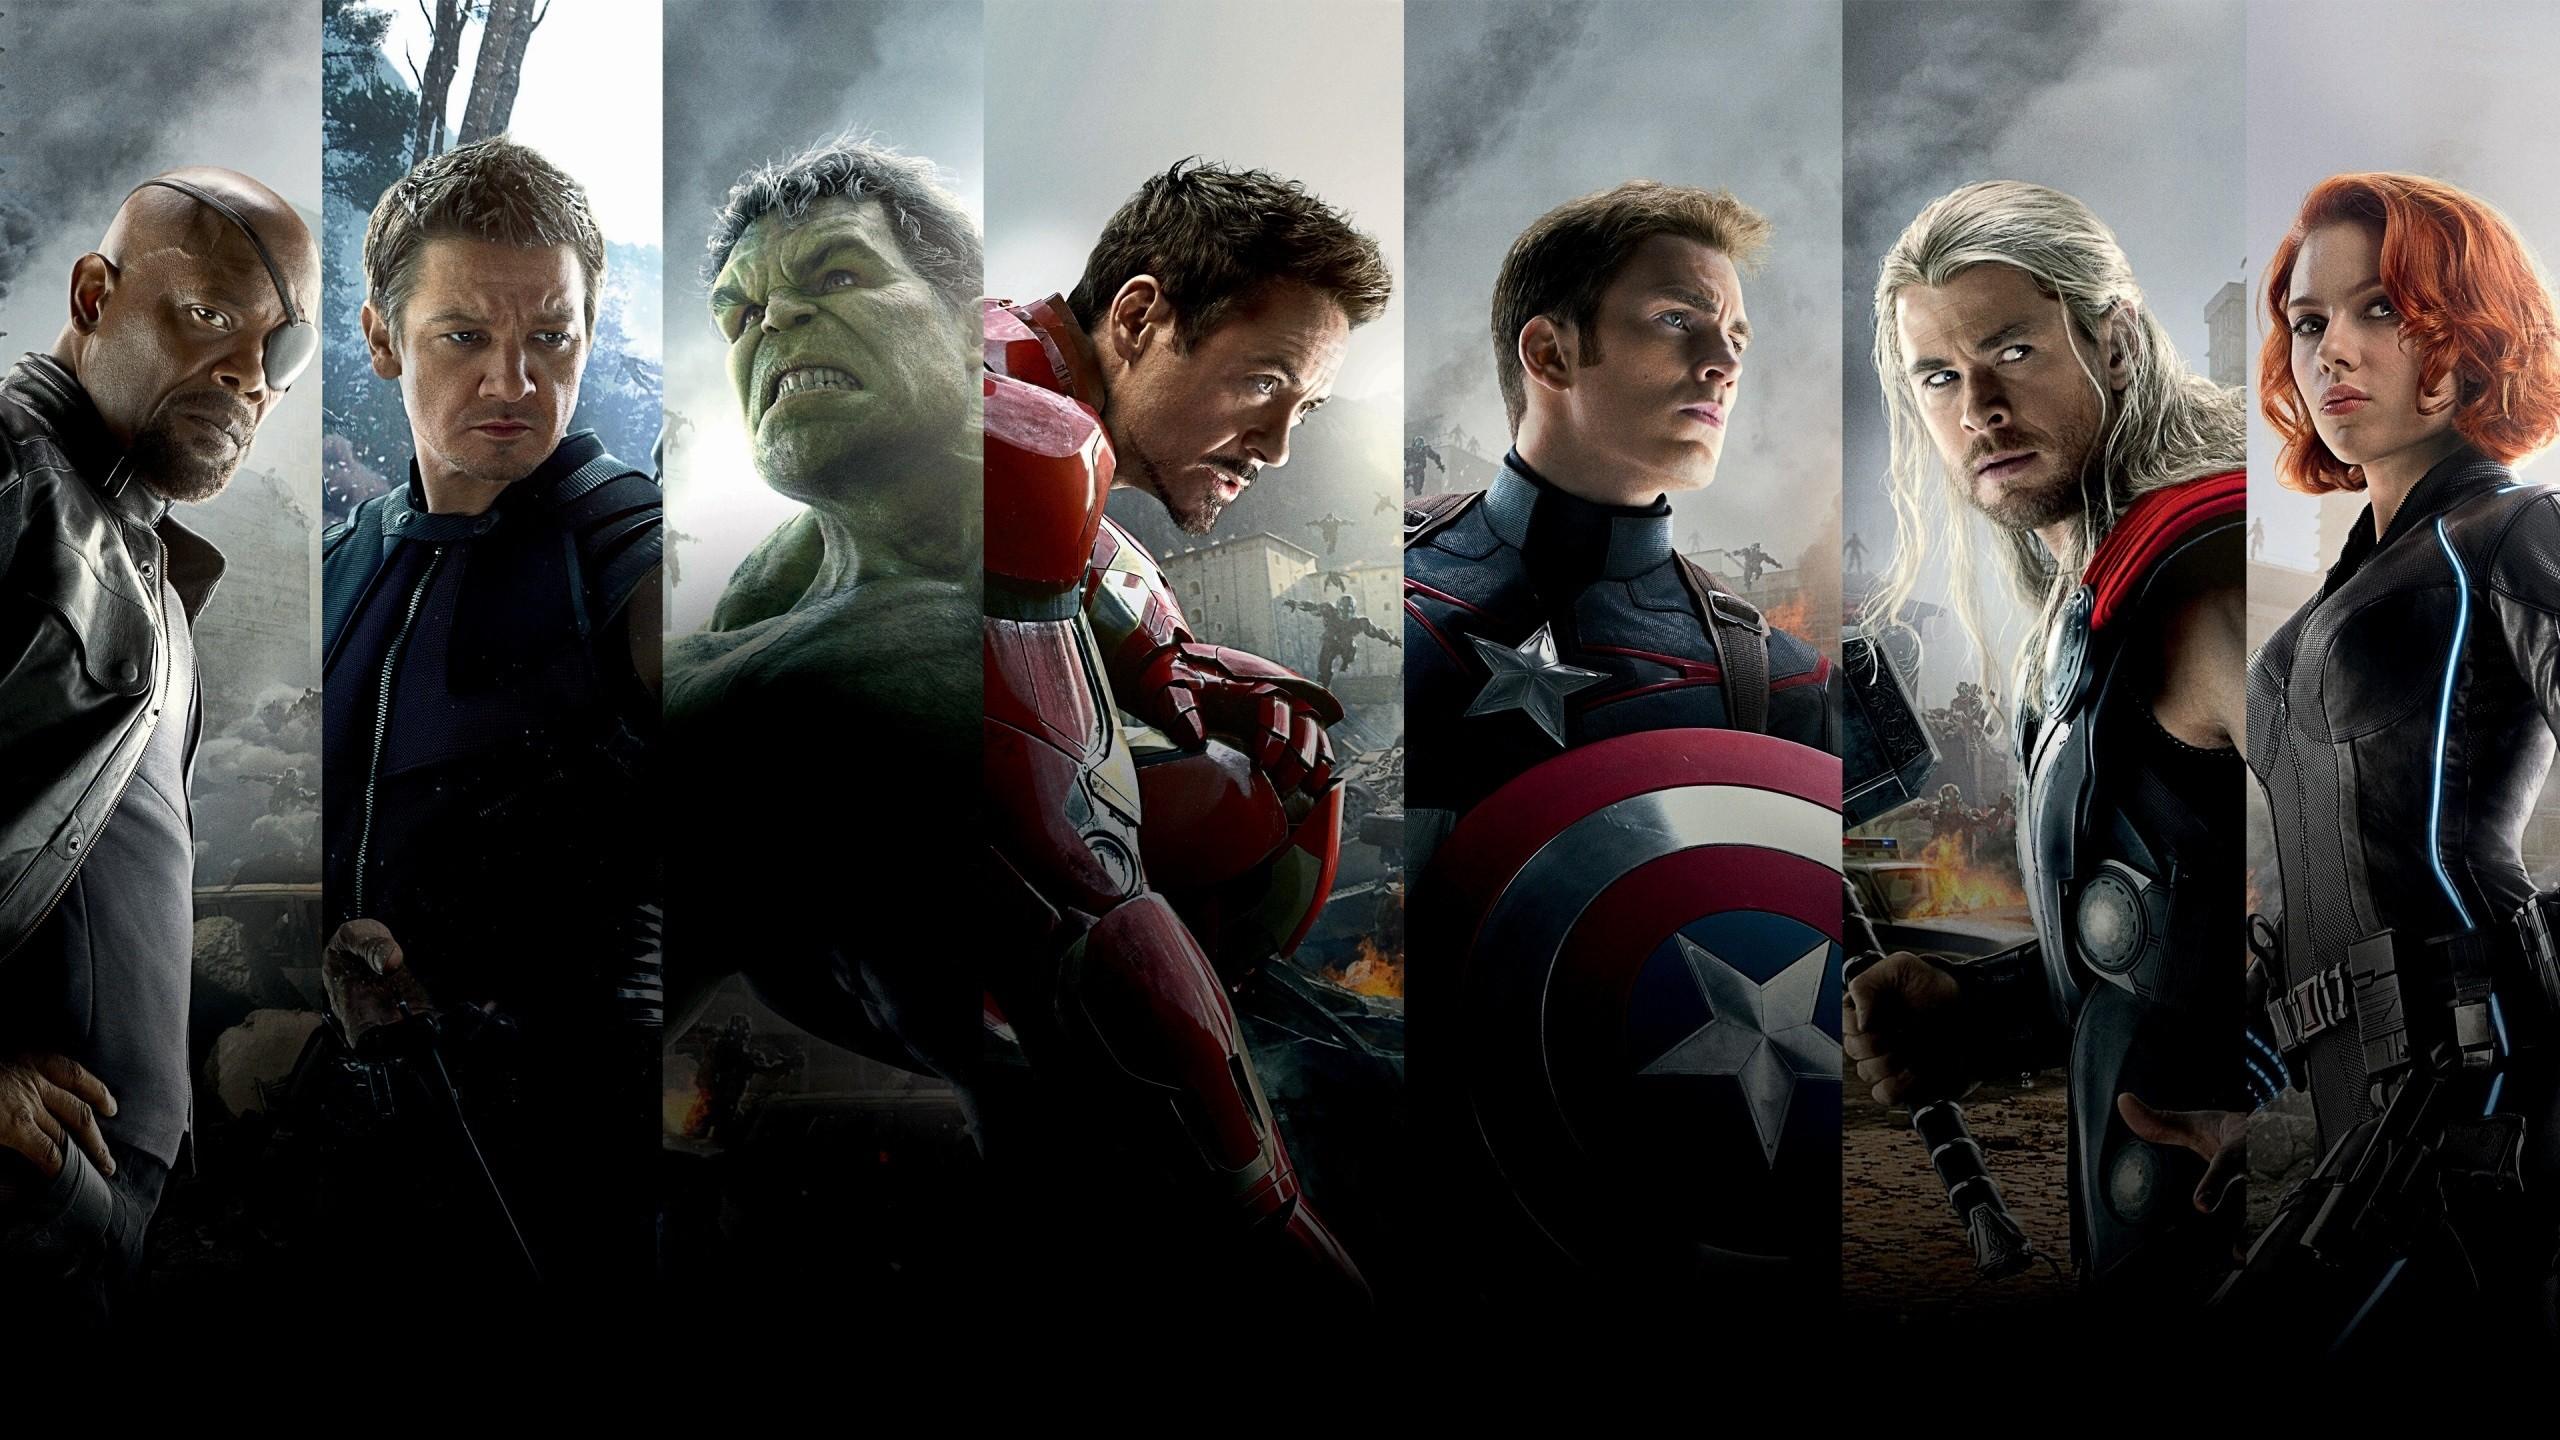 Avengers-wallpaper-7